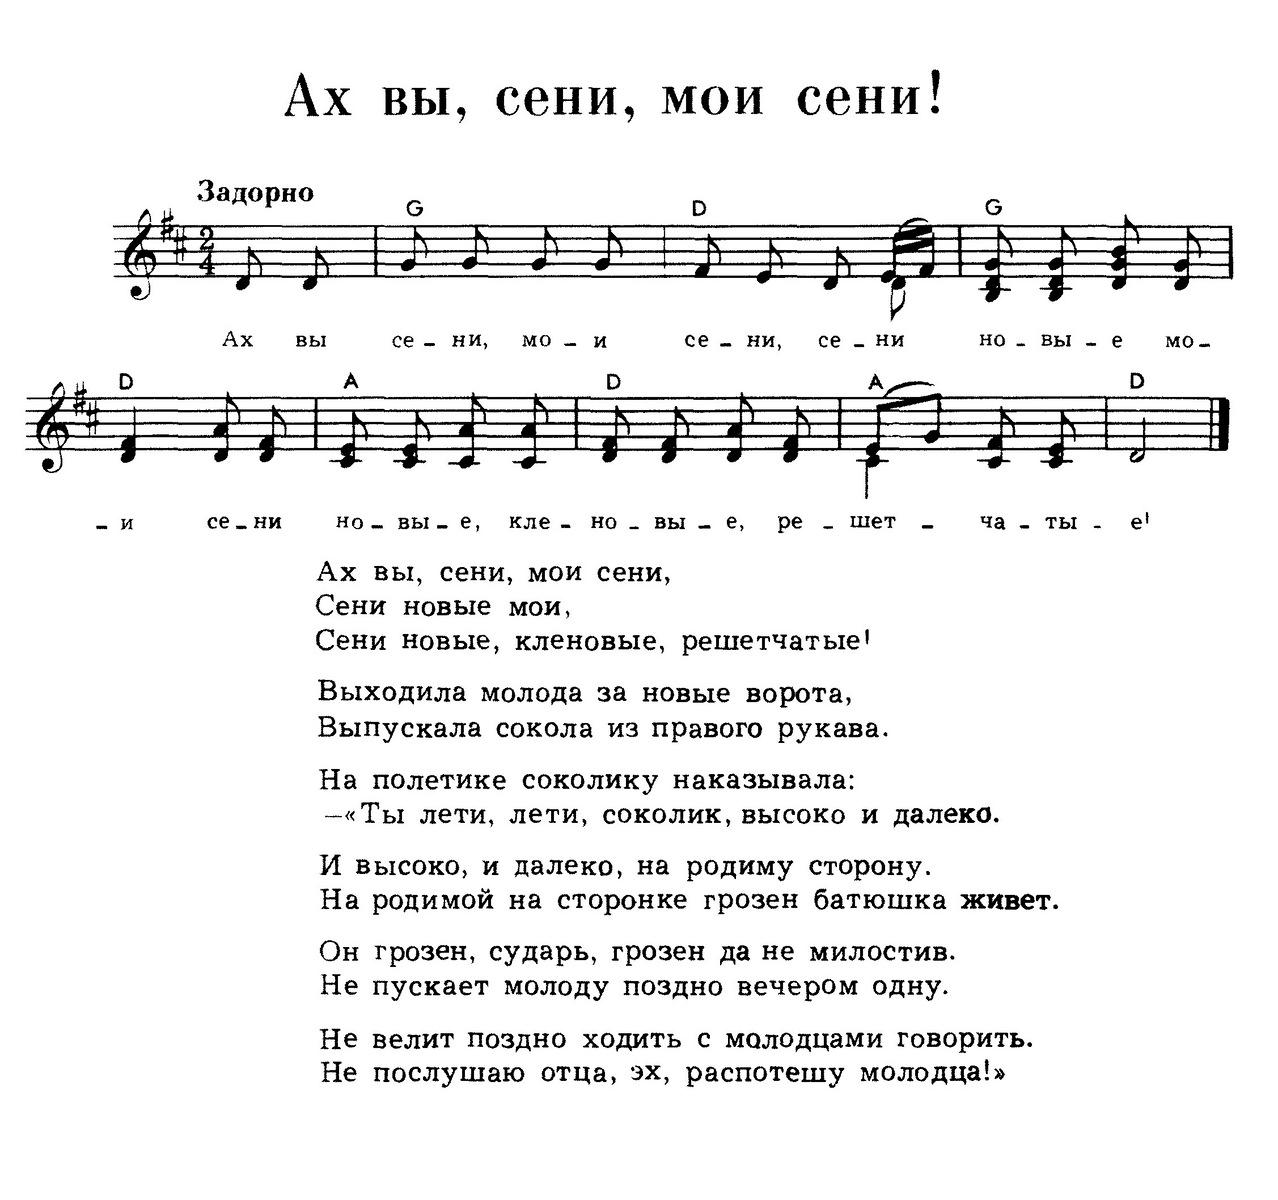 ПЕСНЯ АХ ВЫ СЕНИ МОИ МИНУС СКАЧАТЬ БЕСПЛАТНО